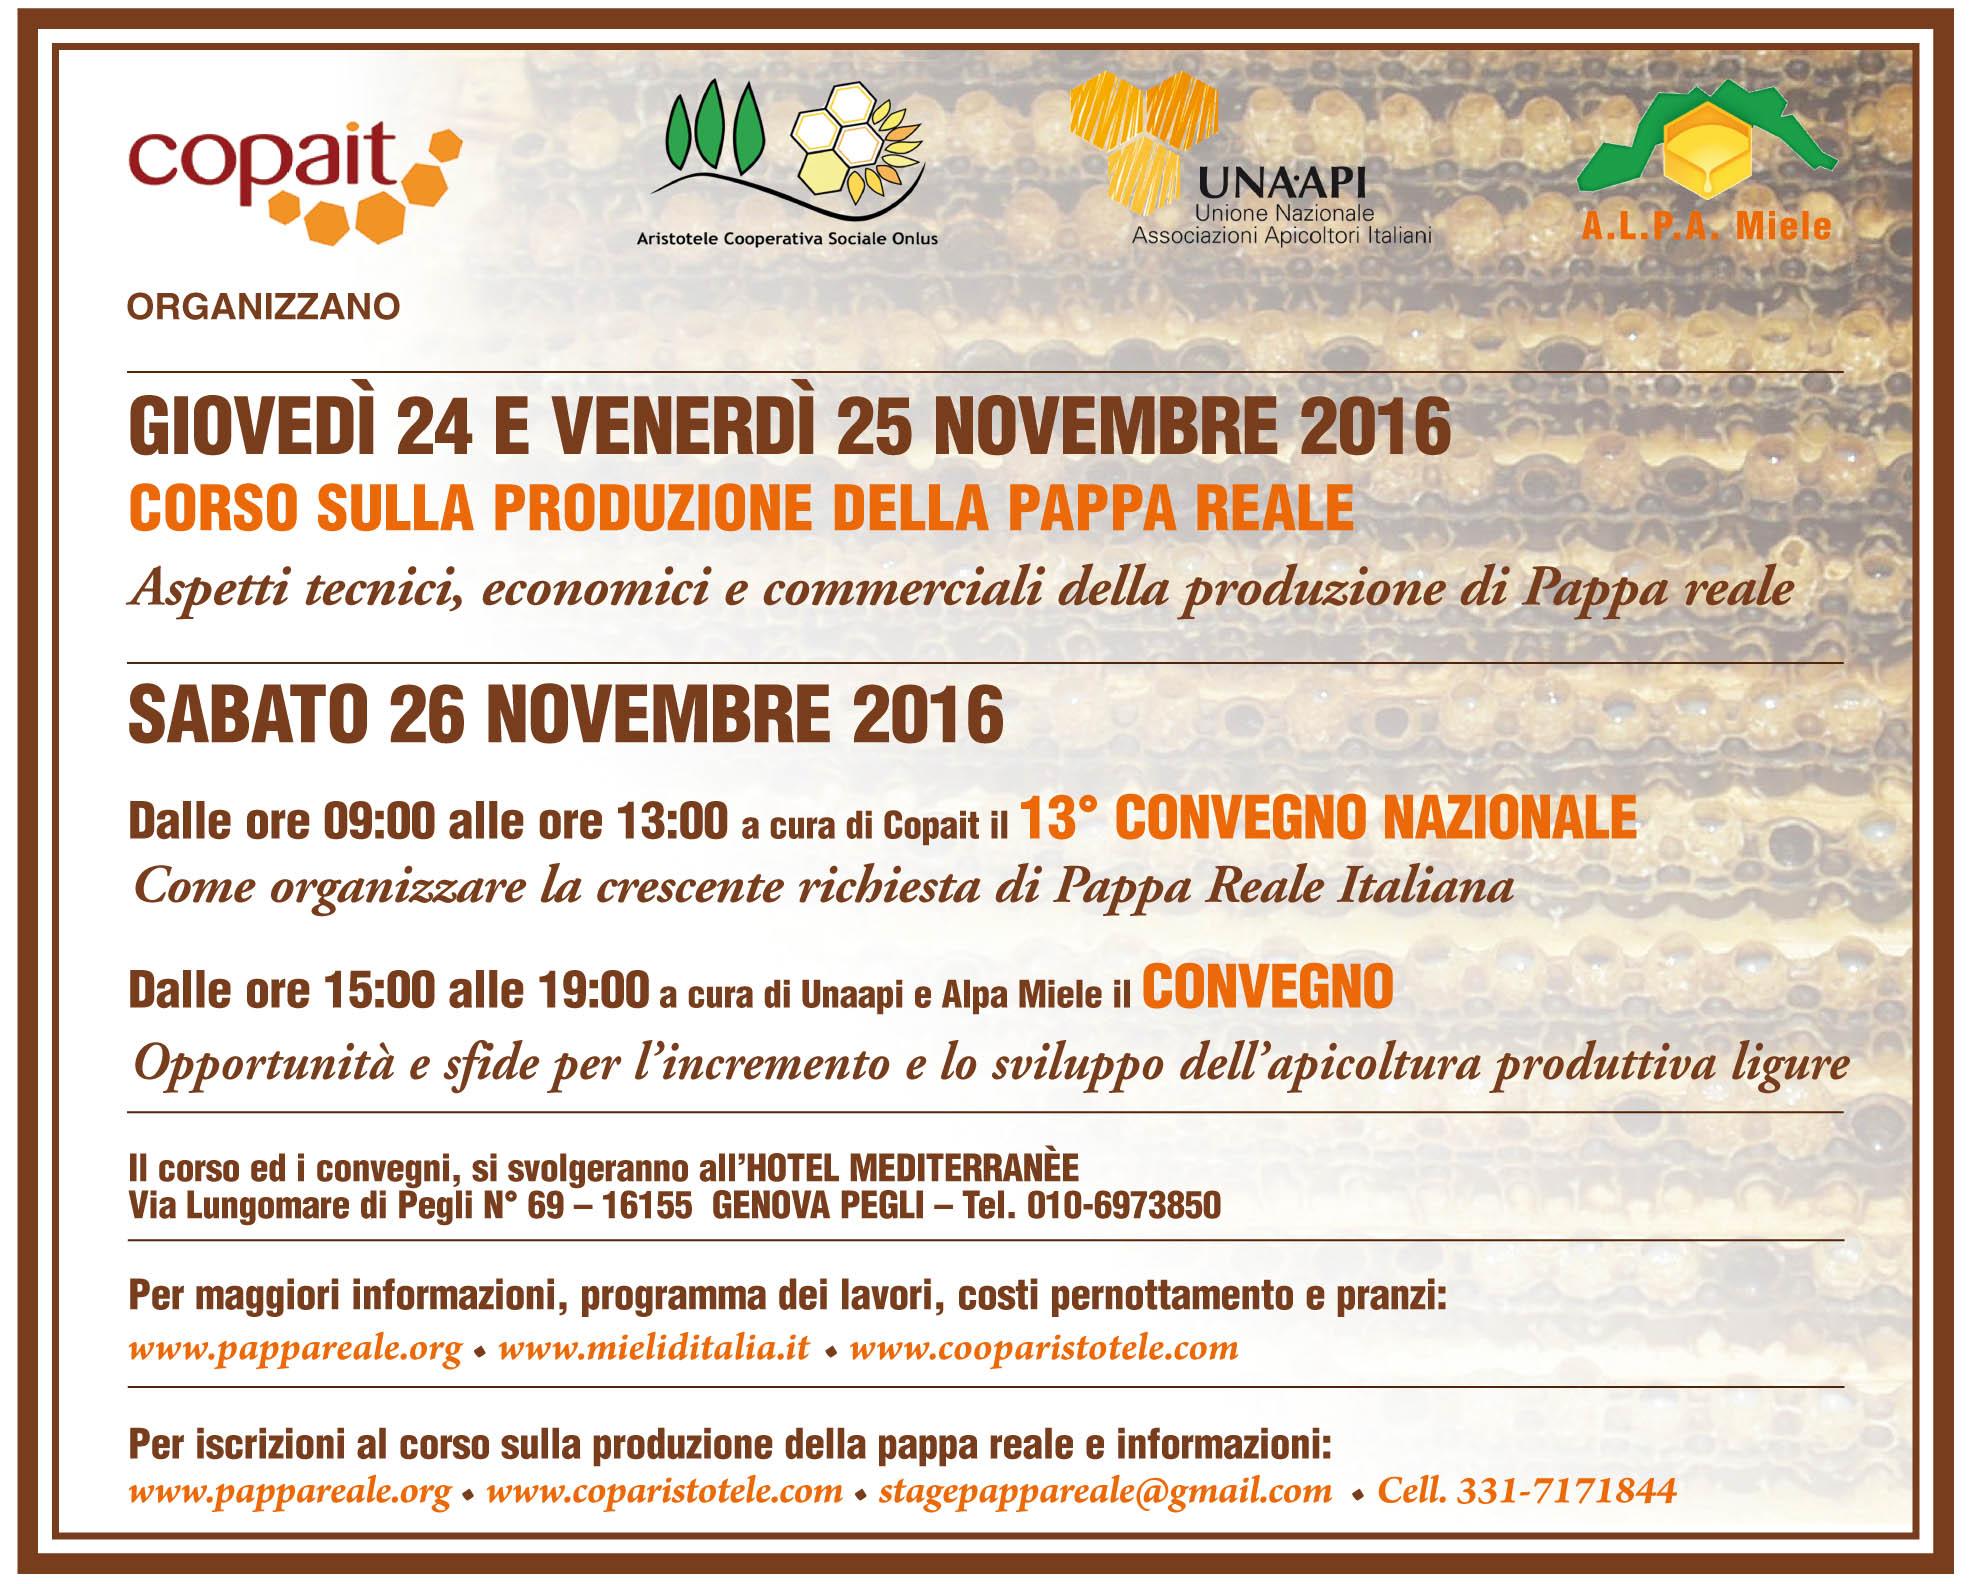 PROGRAMMA Corso Pappa Reale, 13° Convegno Copait e Convegno Unaapi